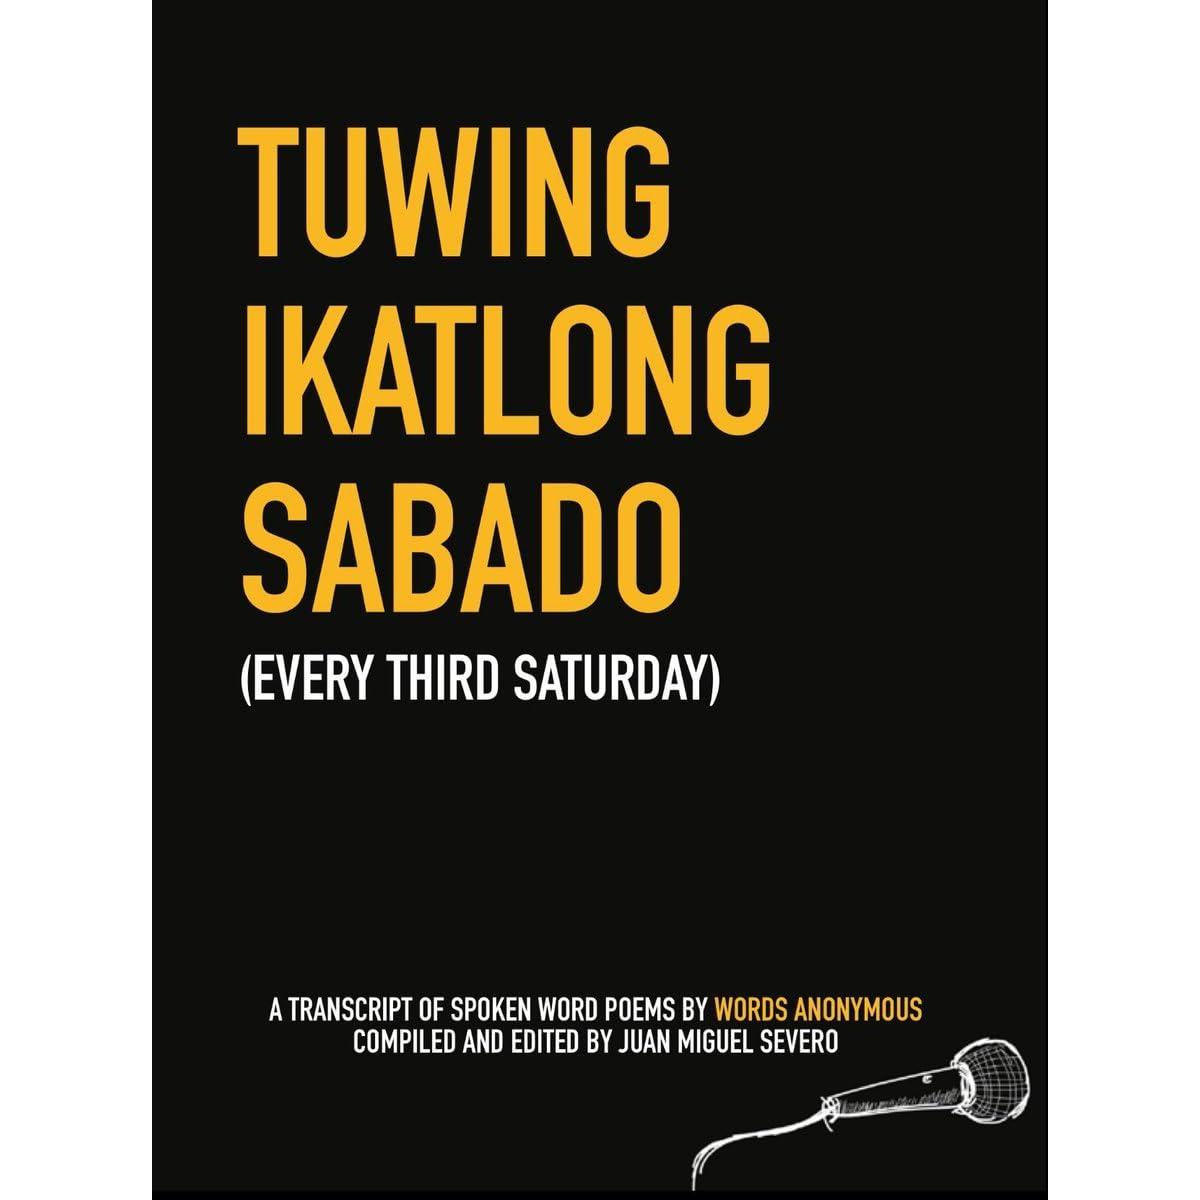 Tuwing Ikatlong Sabado by Juan Miguel Severo